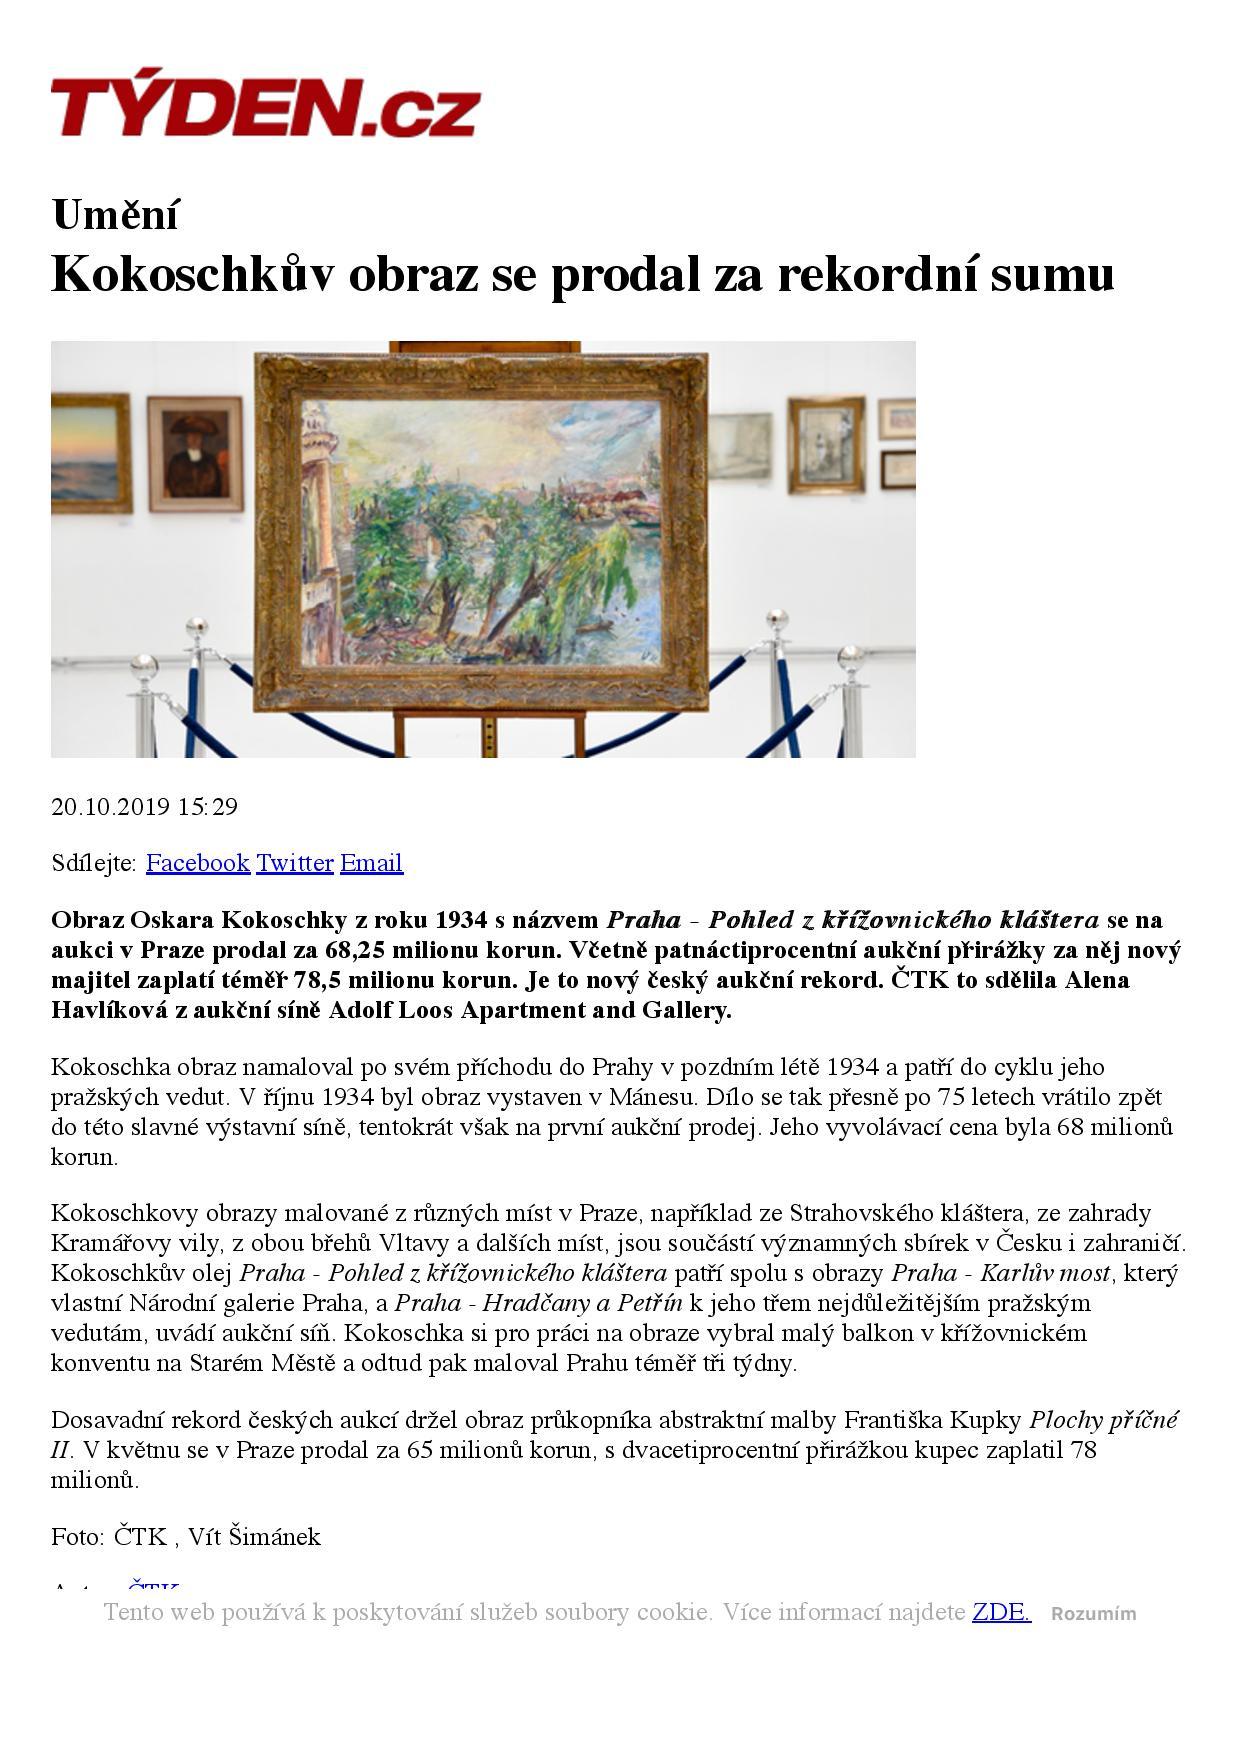 Týden.cz, 20/10/2019